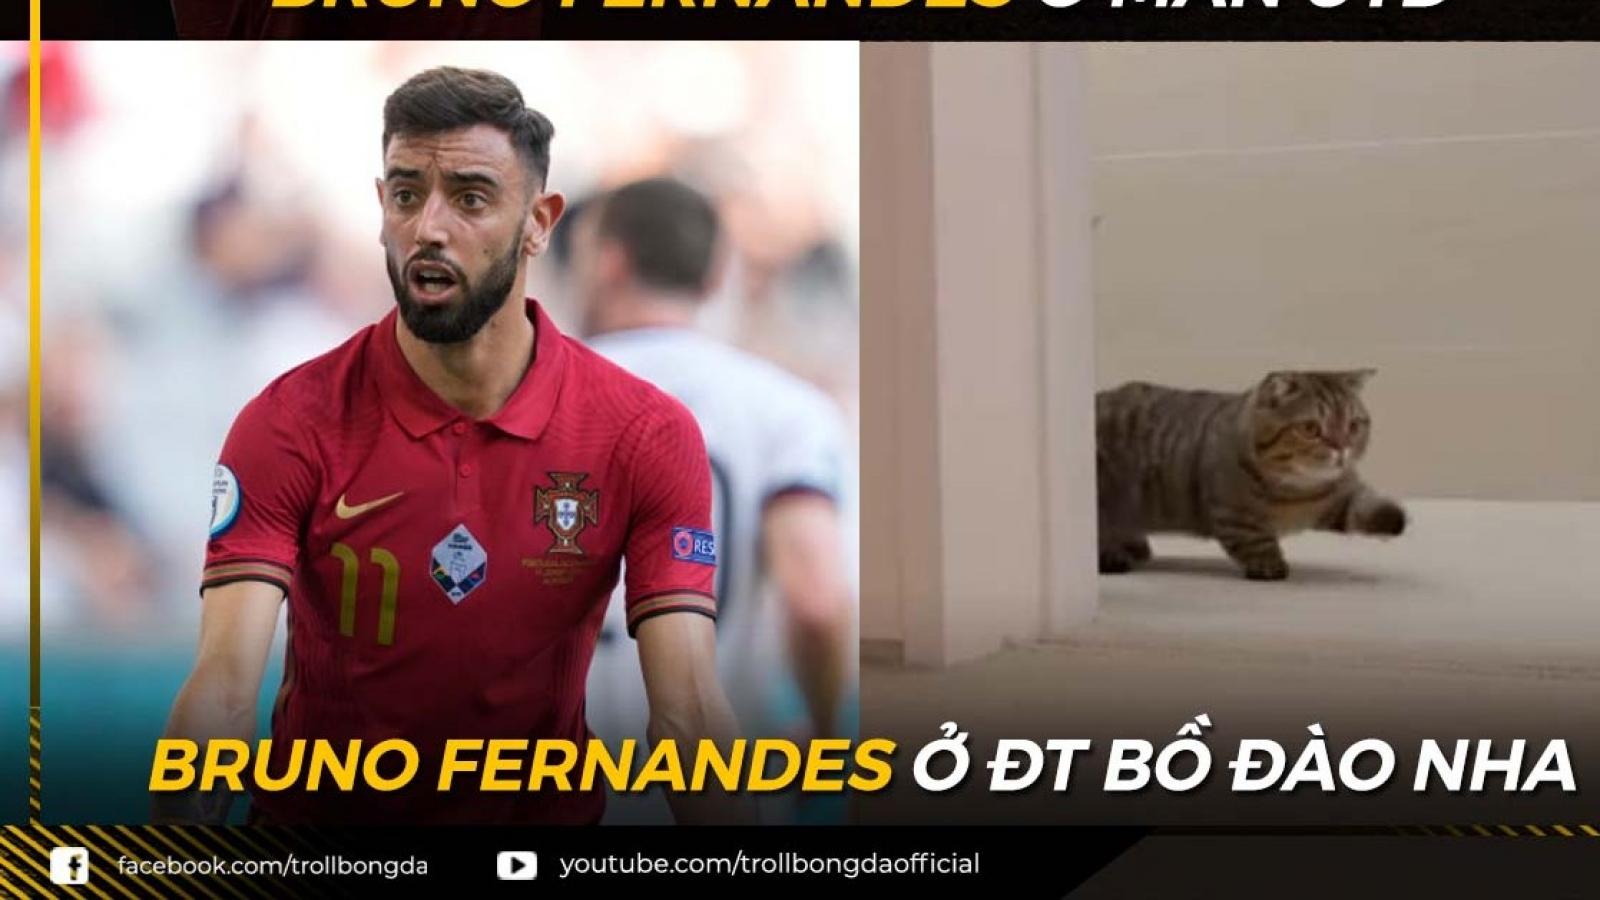 """Biếm họa 24h: Bruno Fernandes """"hóa mèo"""" ở ĐT Bồ Đào Nha"""